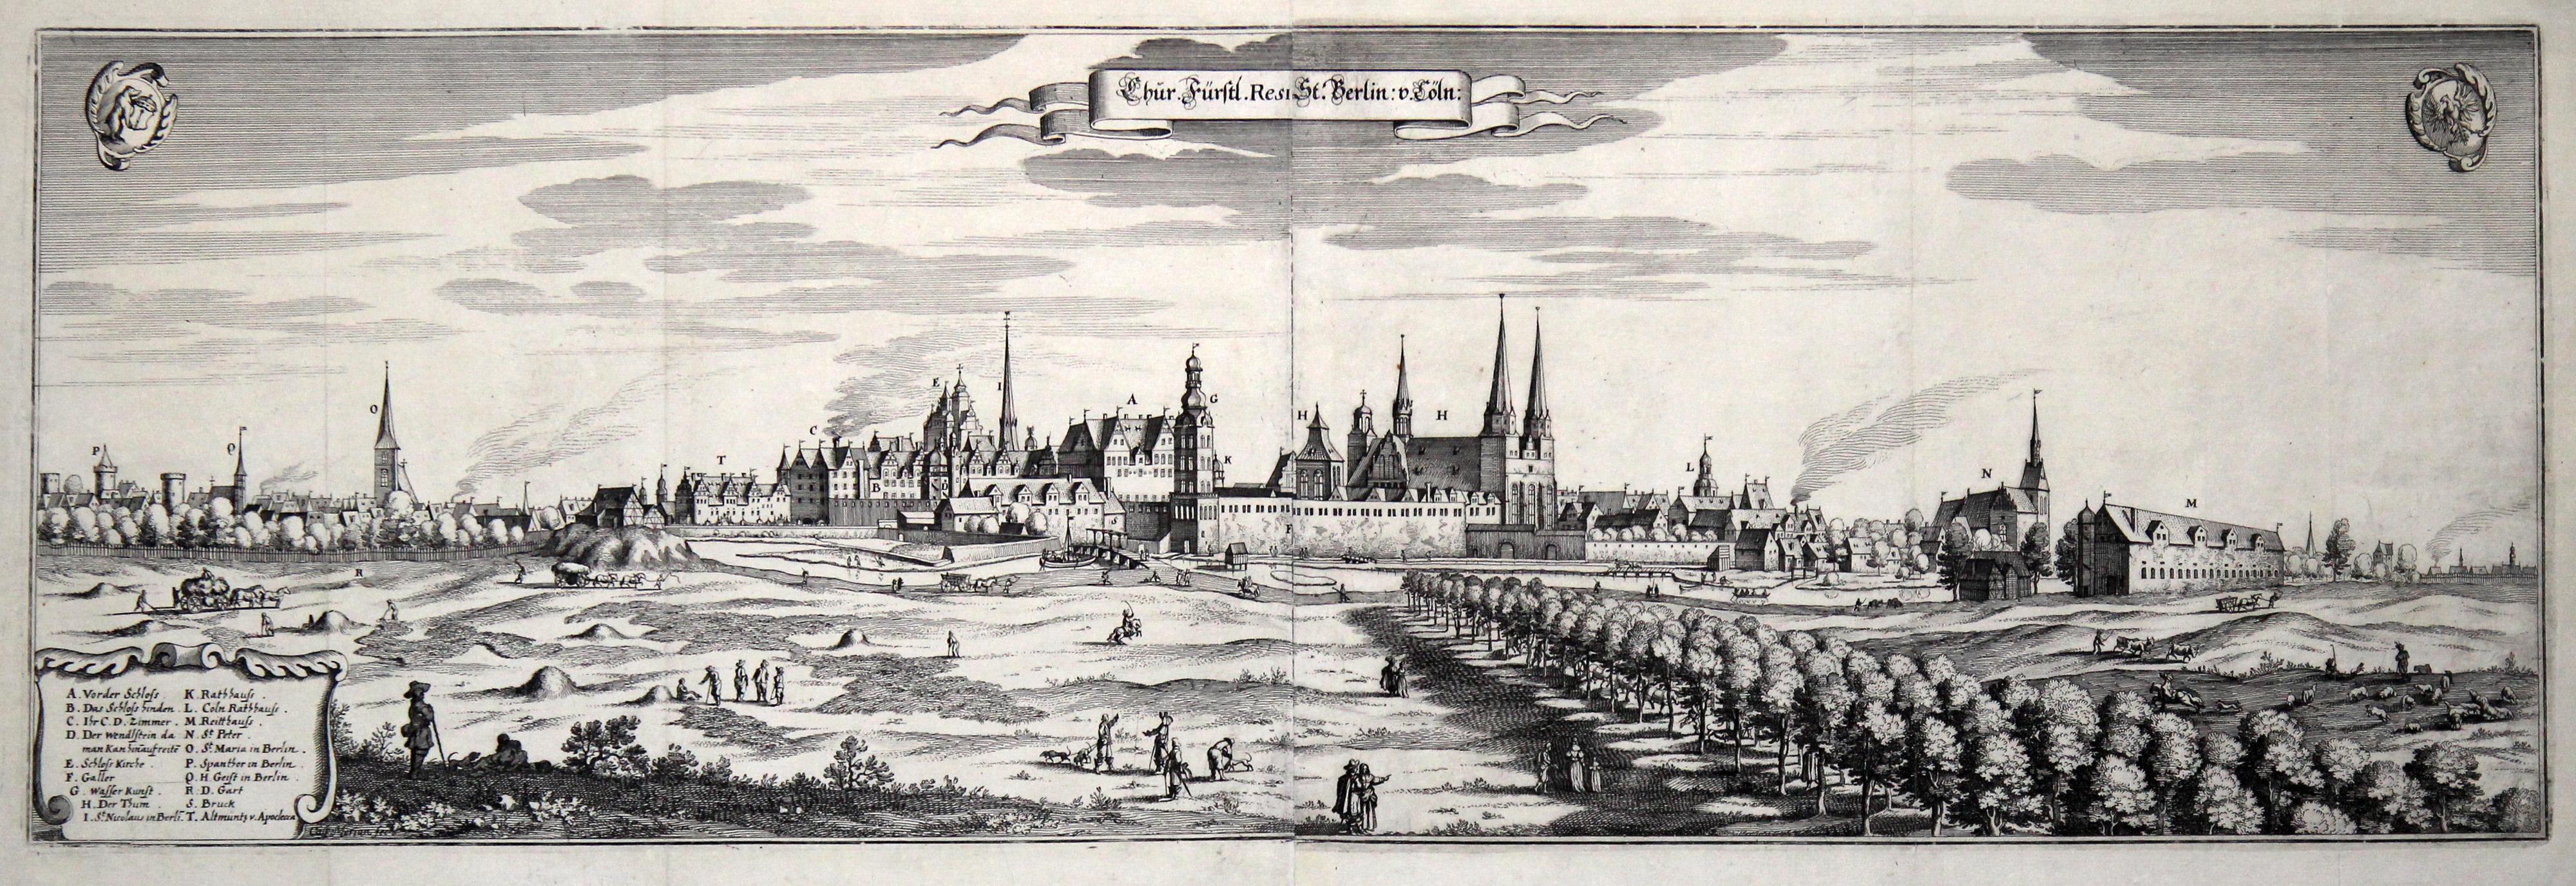 """01 """"Chur Fürstl. Resi. St. Berlin v.: BERLIN - GESAMTANSICHT:"""